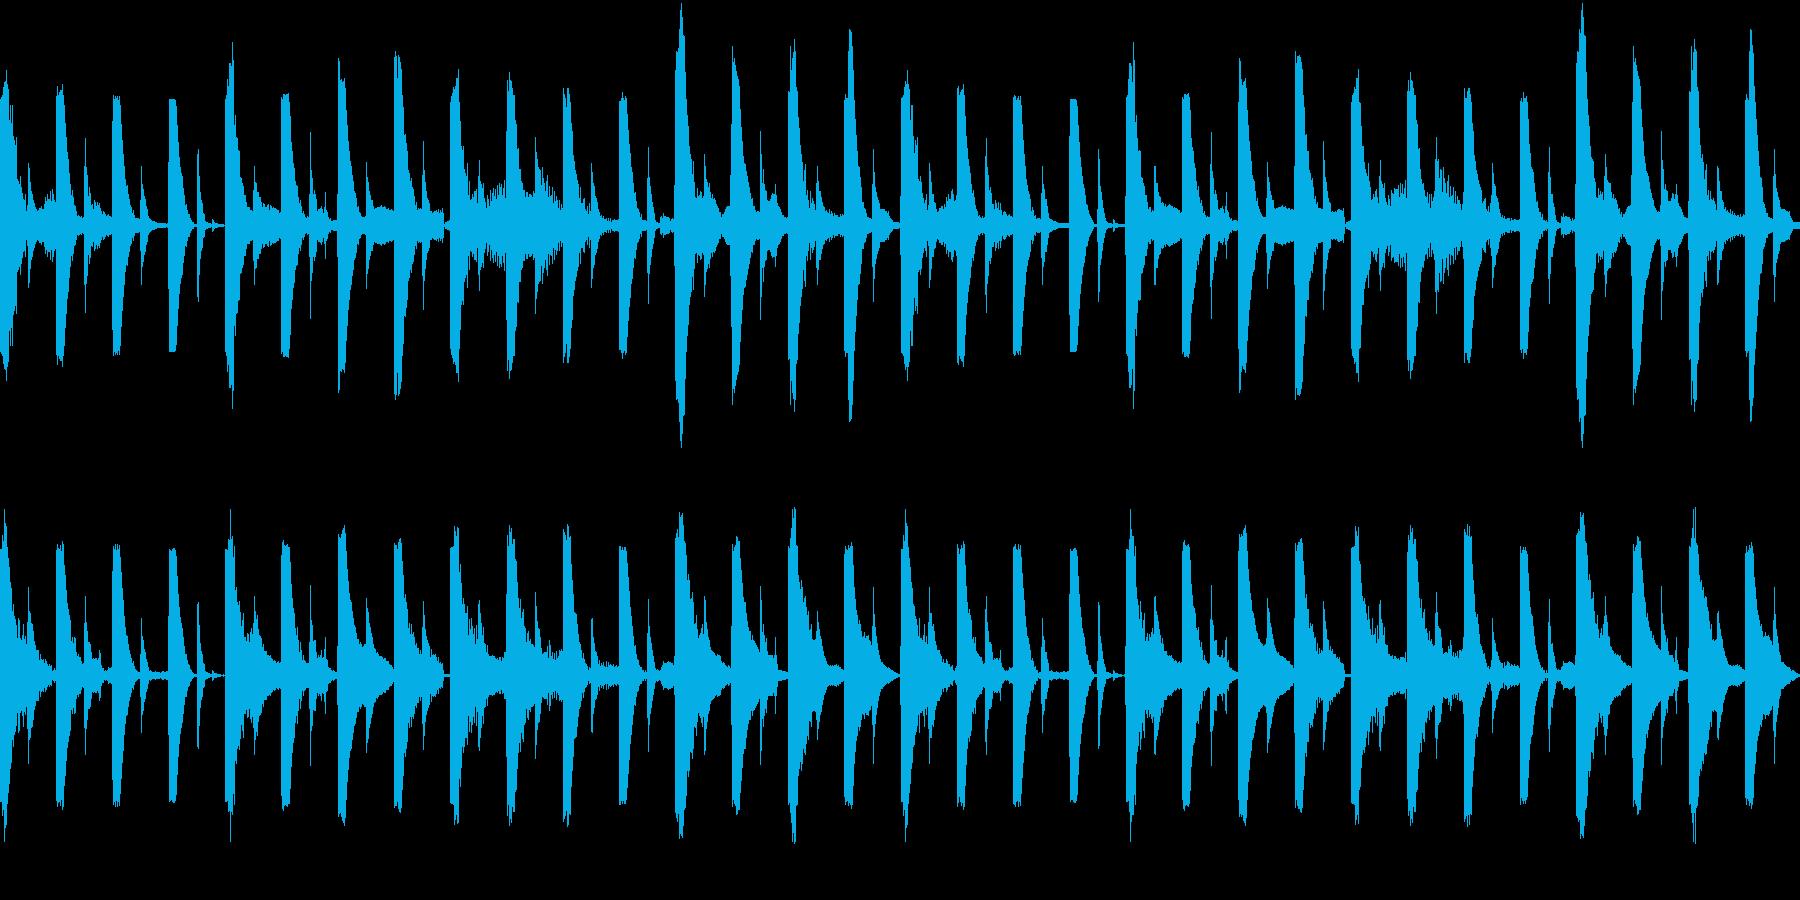 四つ打ちとエレピのおしゃれサウンドの再生済みの波形